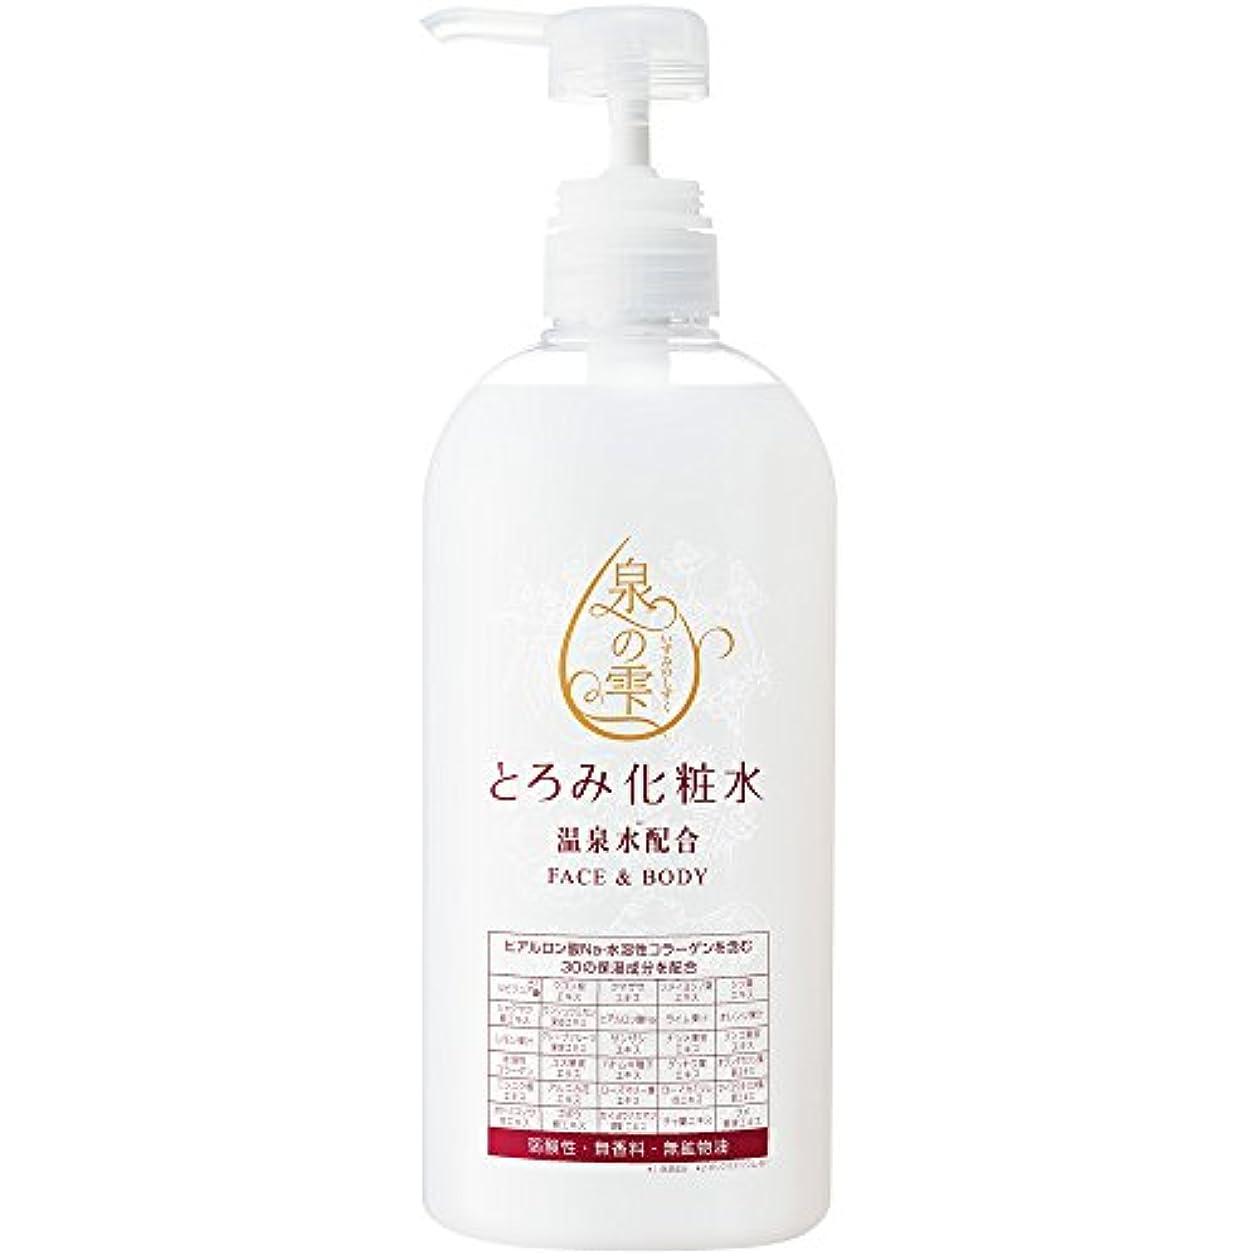 一般的に言えば相反する誘惑泉の雫(いずみのしずく)とろみ化粧水 700ml